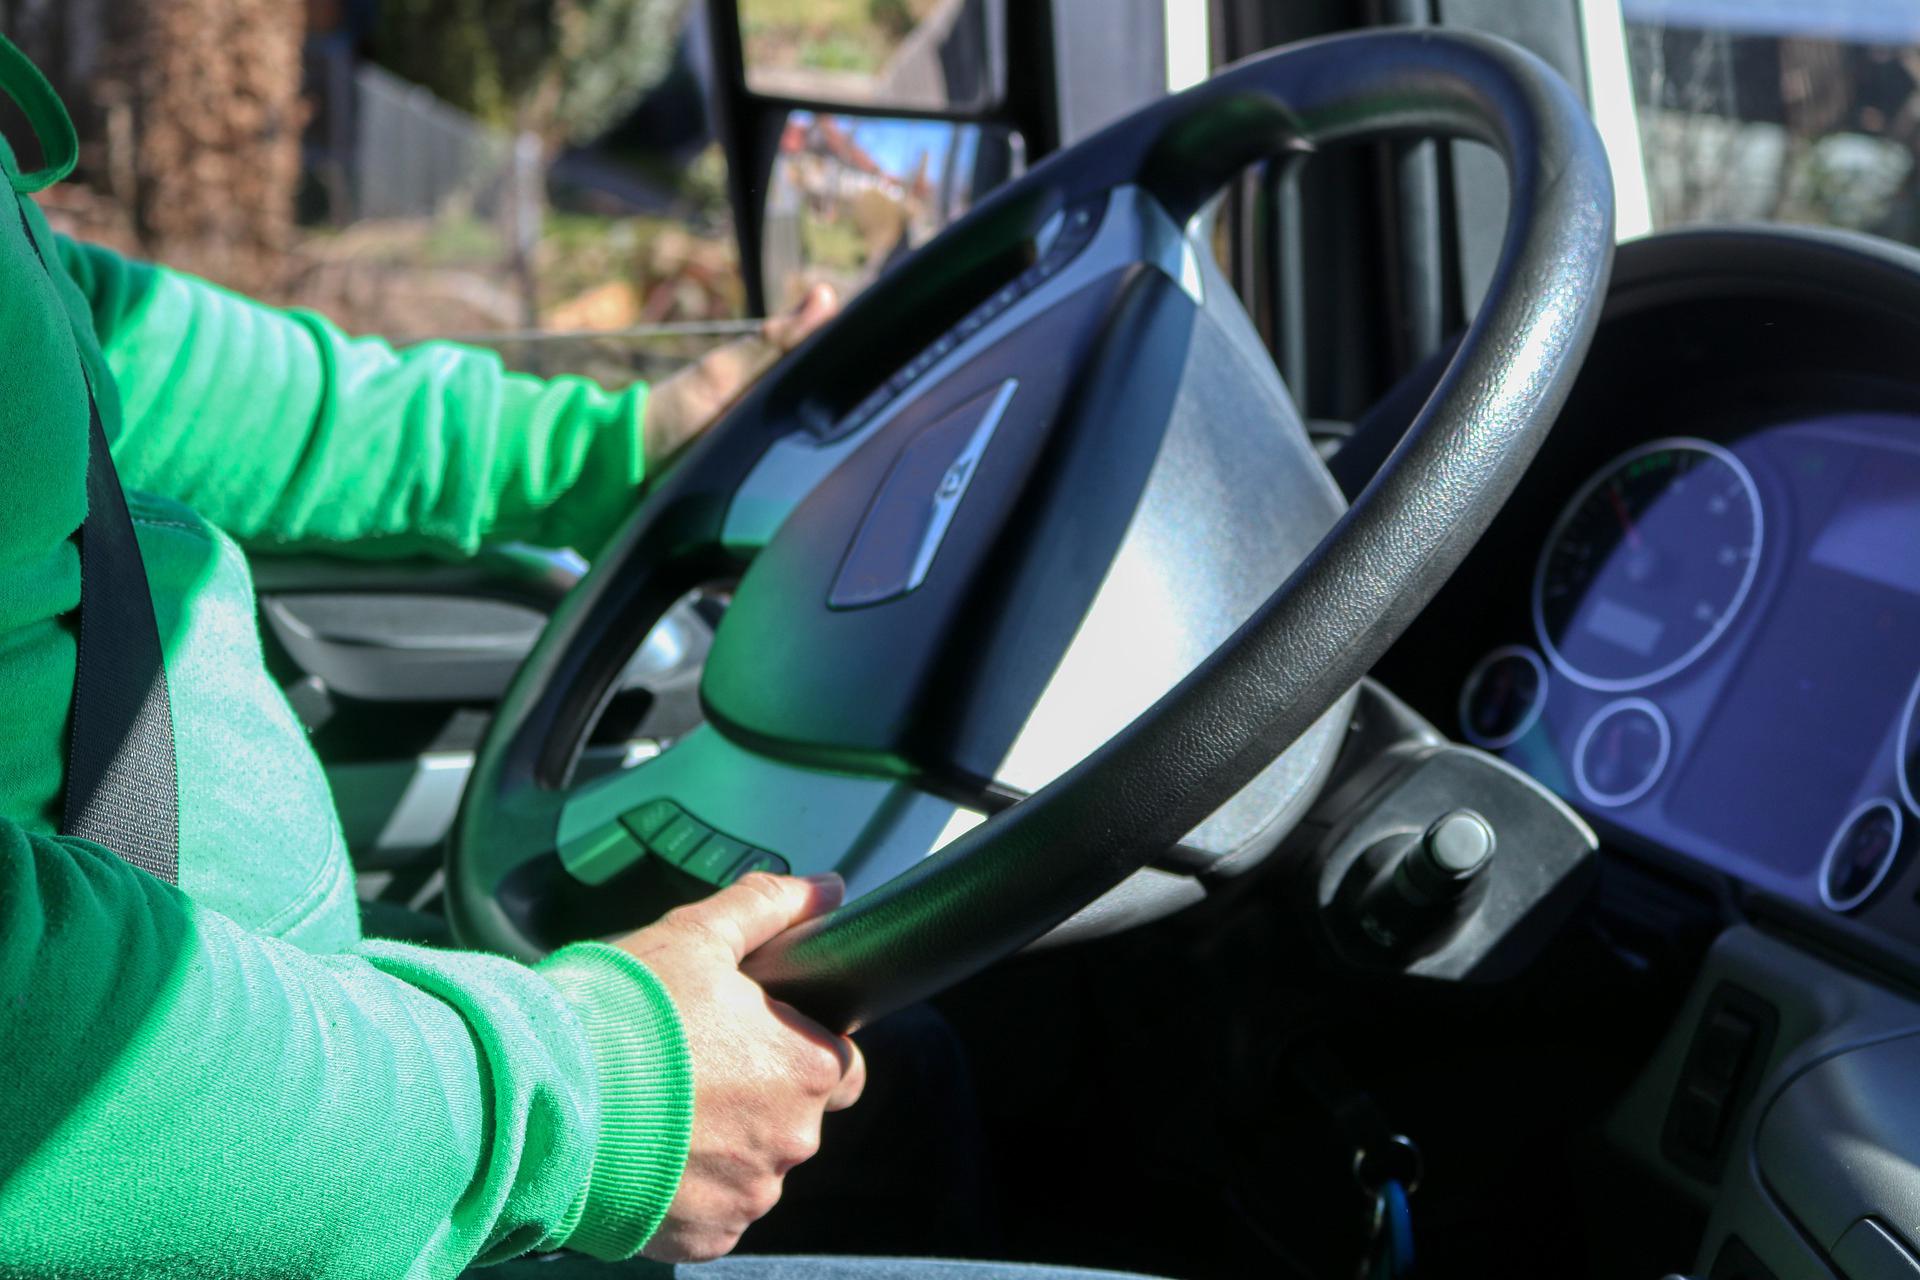 Autotrasporto, Sicura: contributi per le spese sostenute a causa del Covid-19